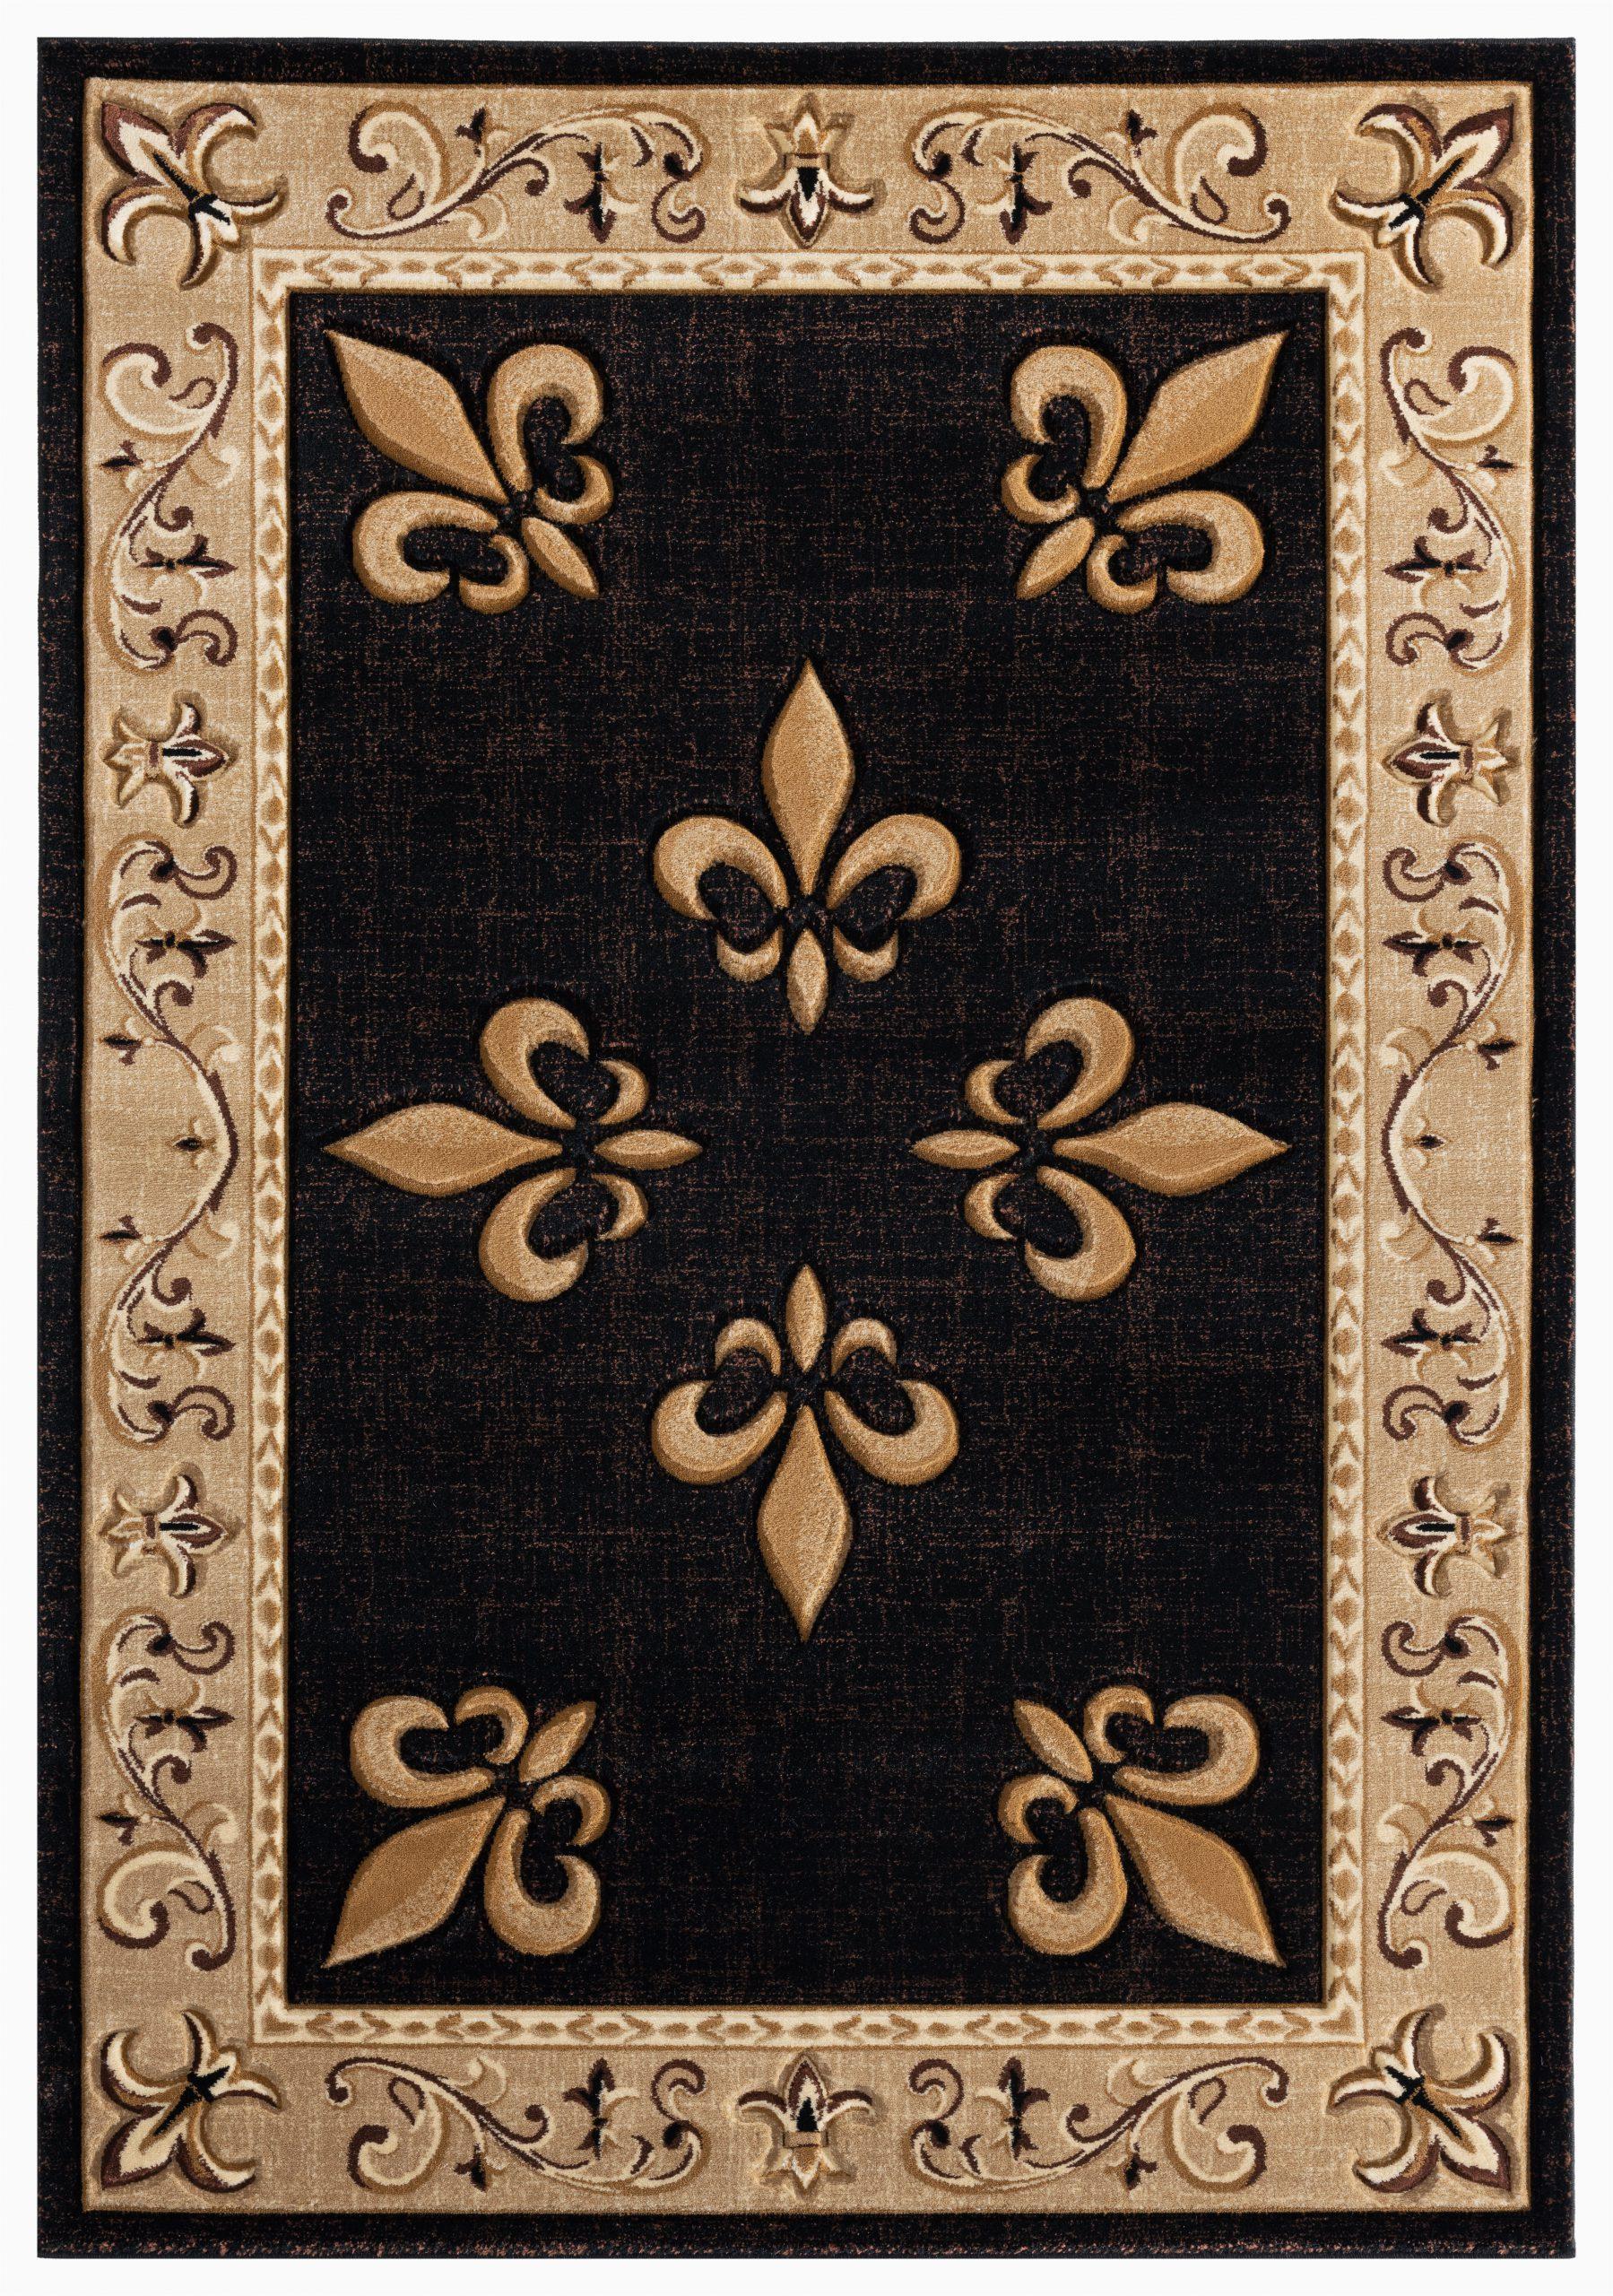 Black Brown and Beige area Rugs Goines Beige Black Brown area Rug